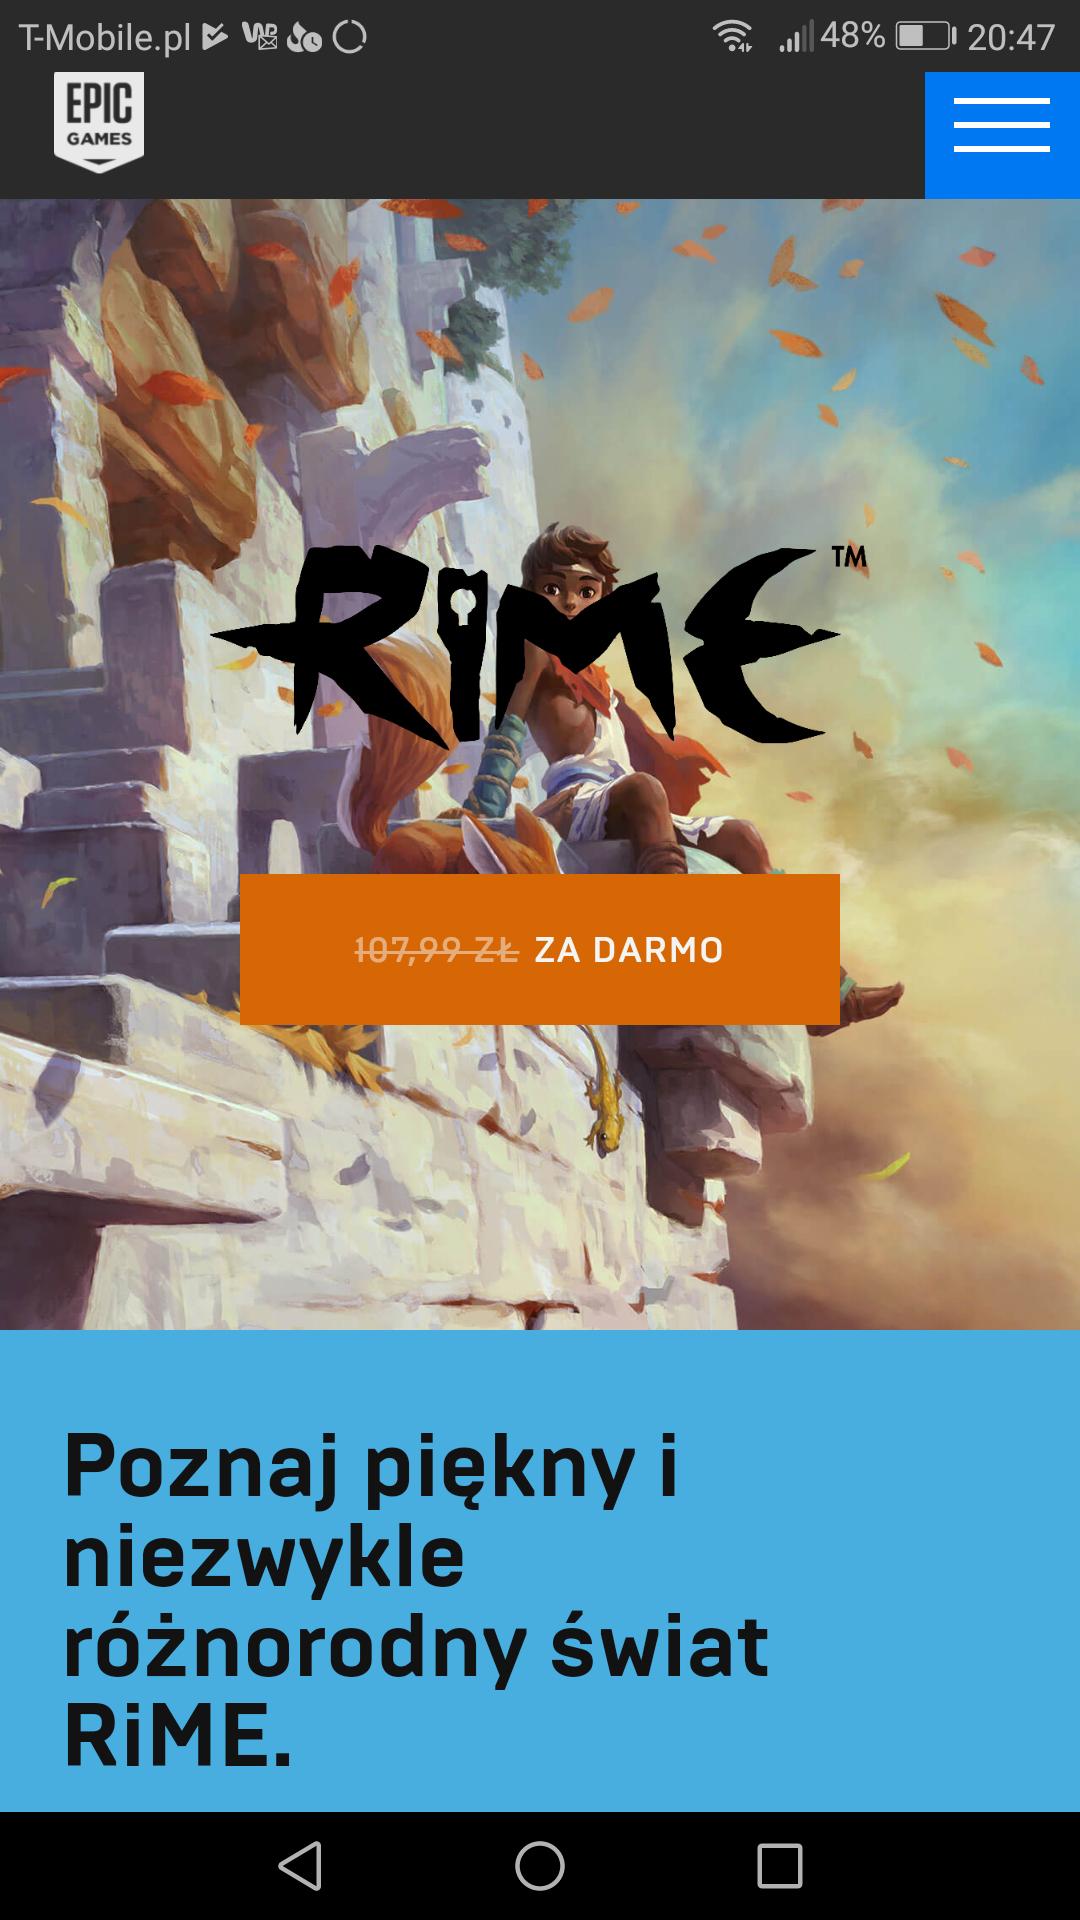 RIME Gra za darmo na Epic Games